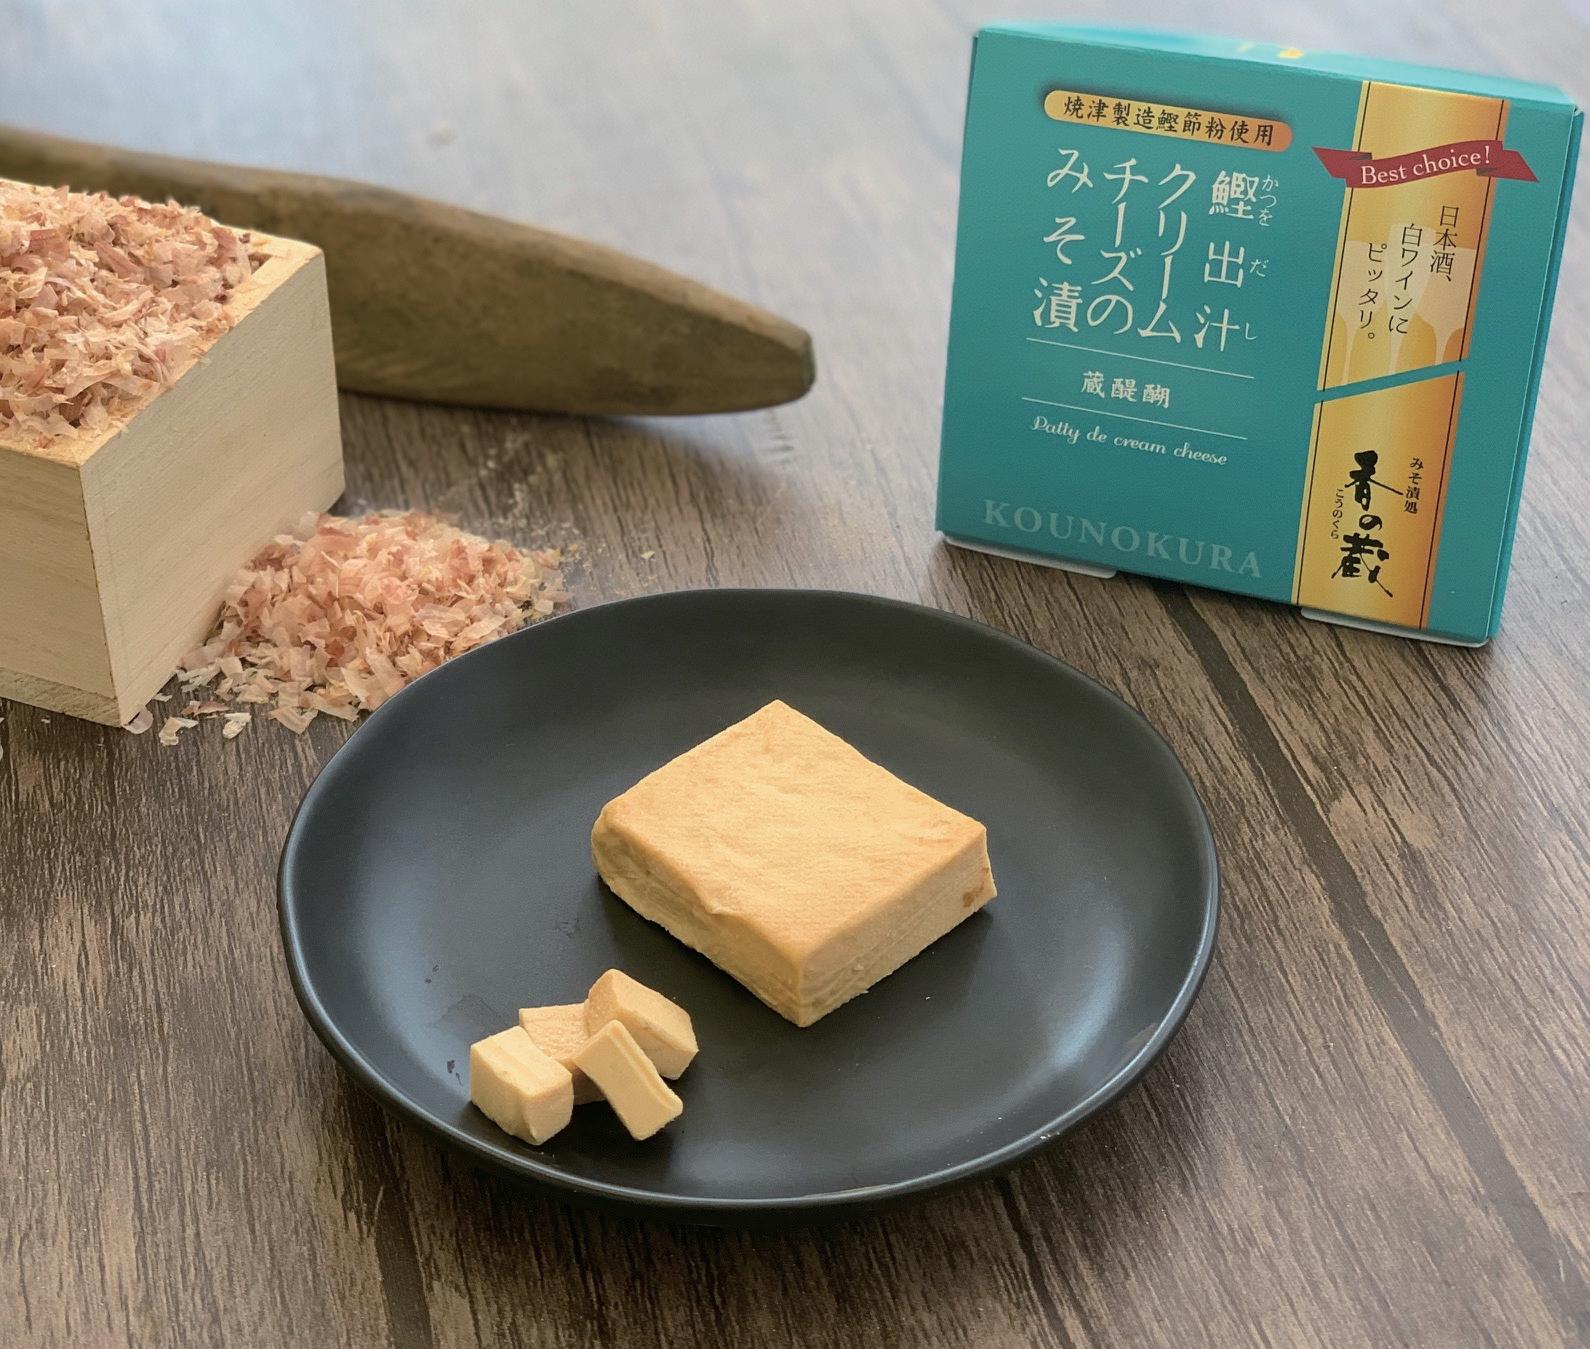 (めざましどようびで11月7日に紹介!)鰹出汁クリームチーズのみそ漬